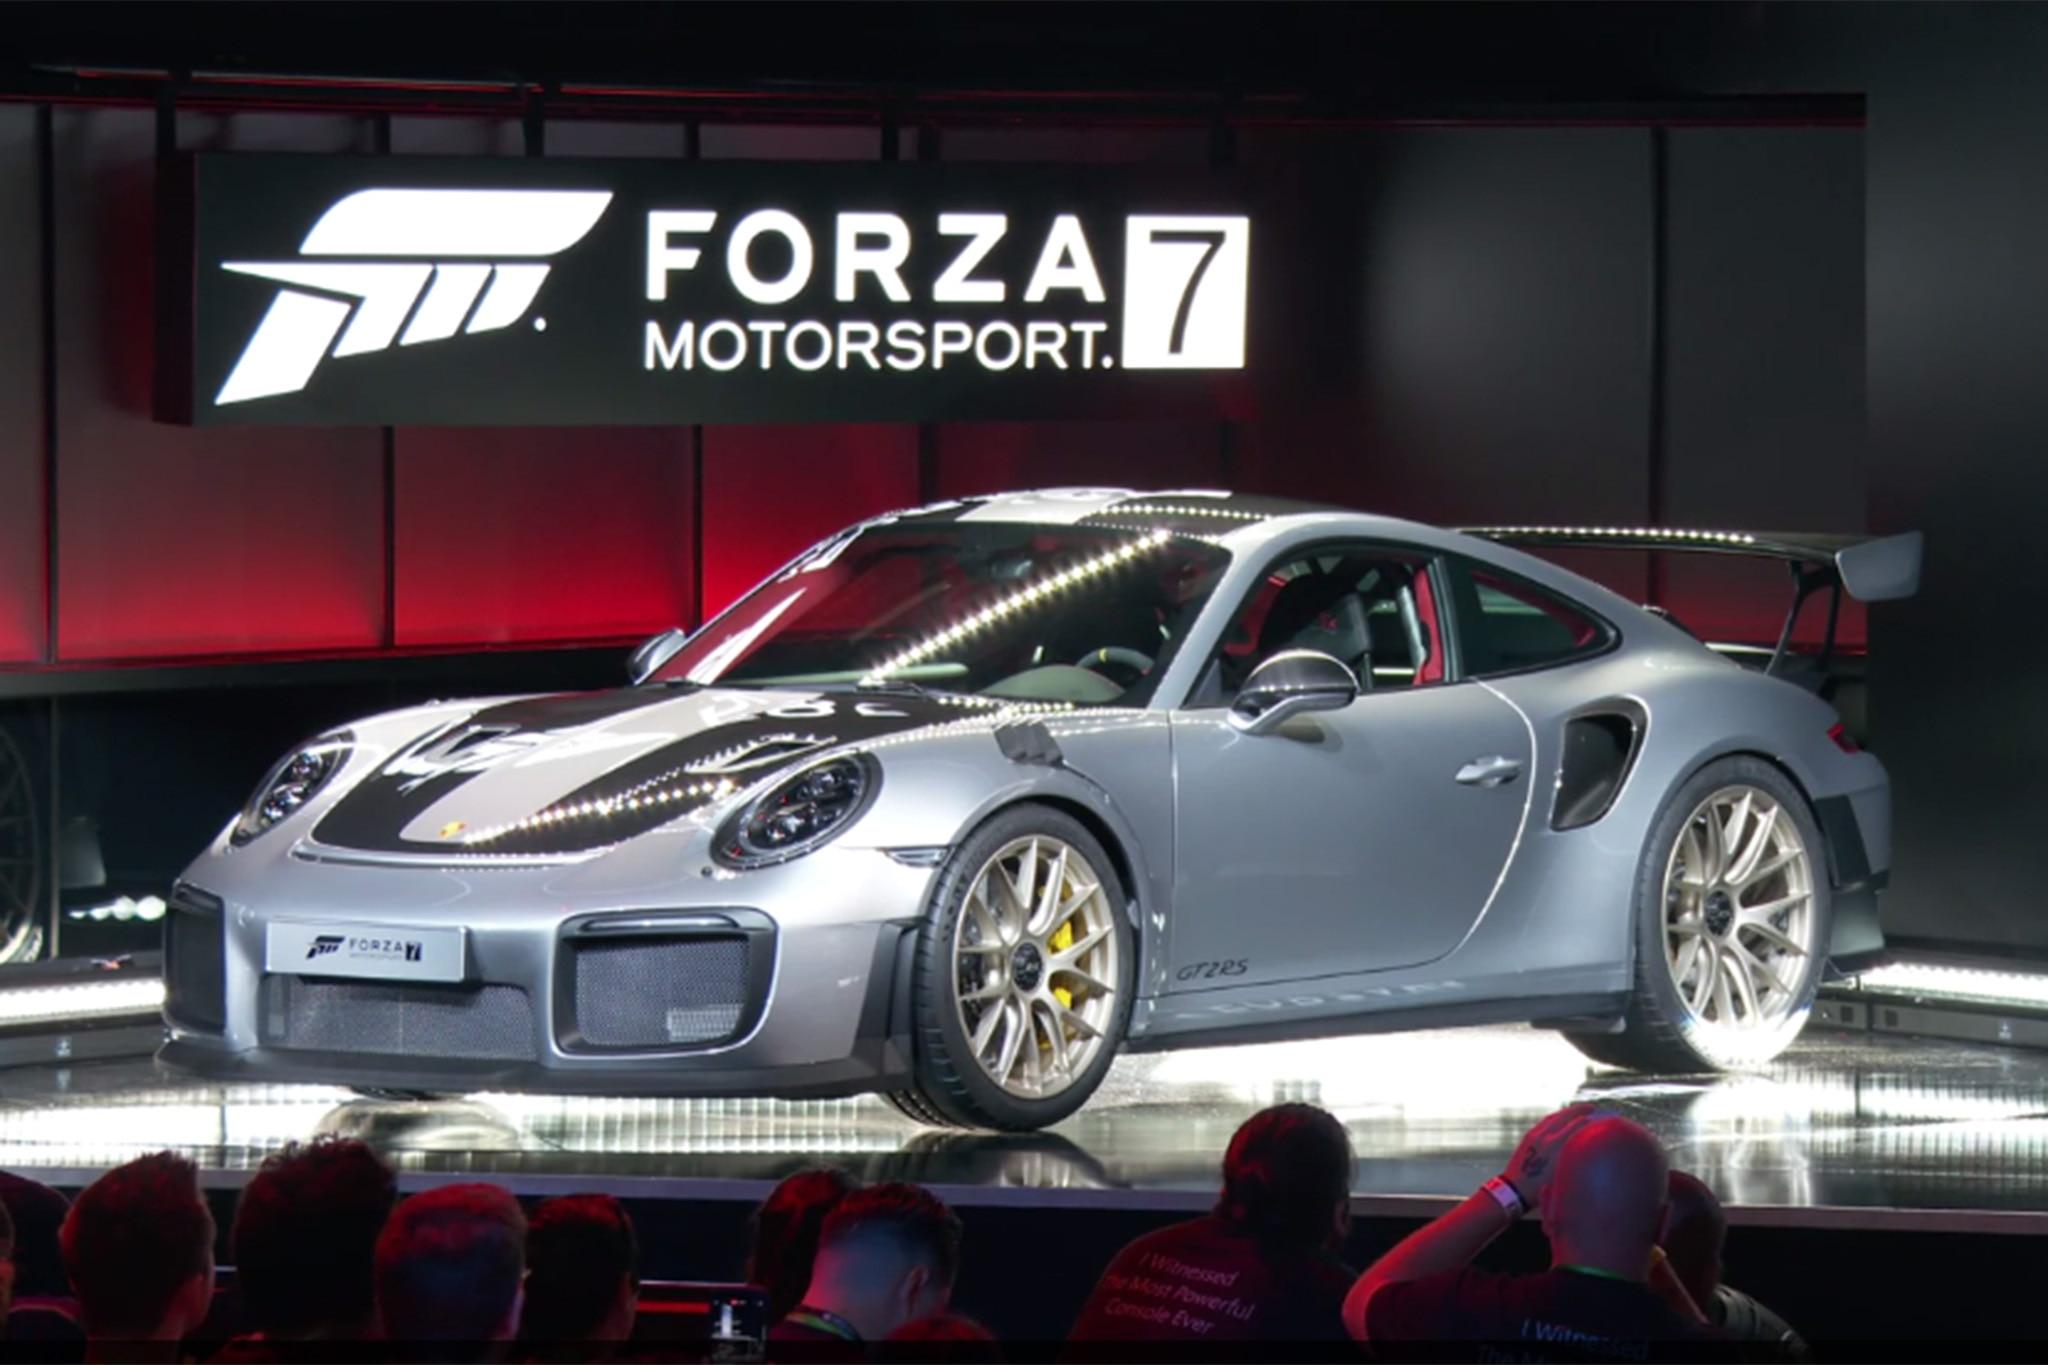 2018-Porsche-911-GT2-RS-E3-Front-Three-Quarters Exciting Porsche 911 Gt2 La Centrale Cars Trend